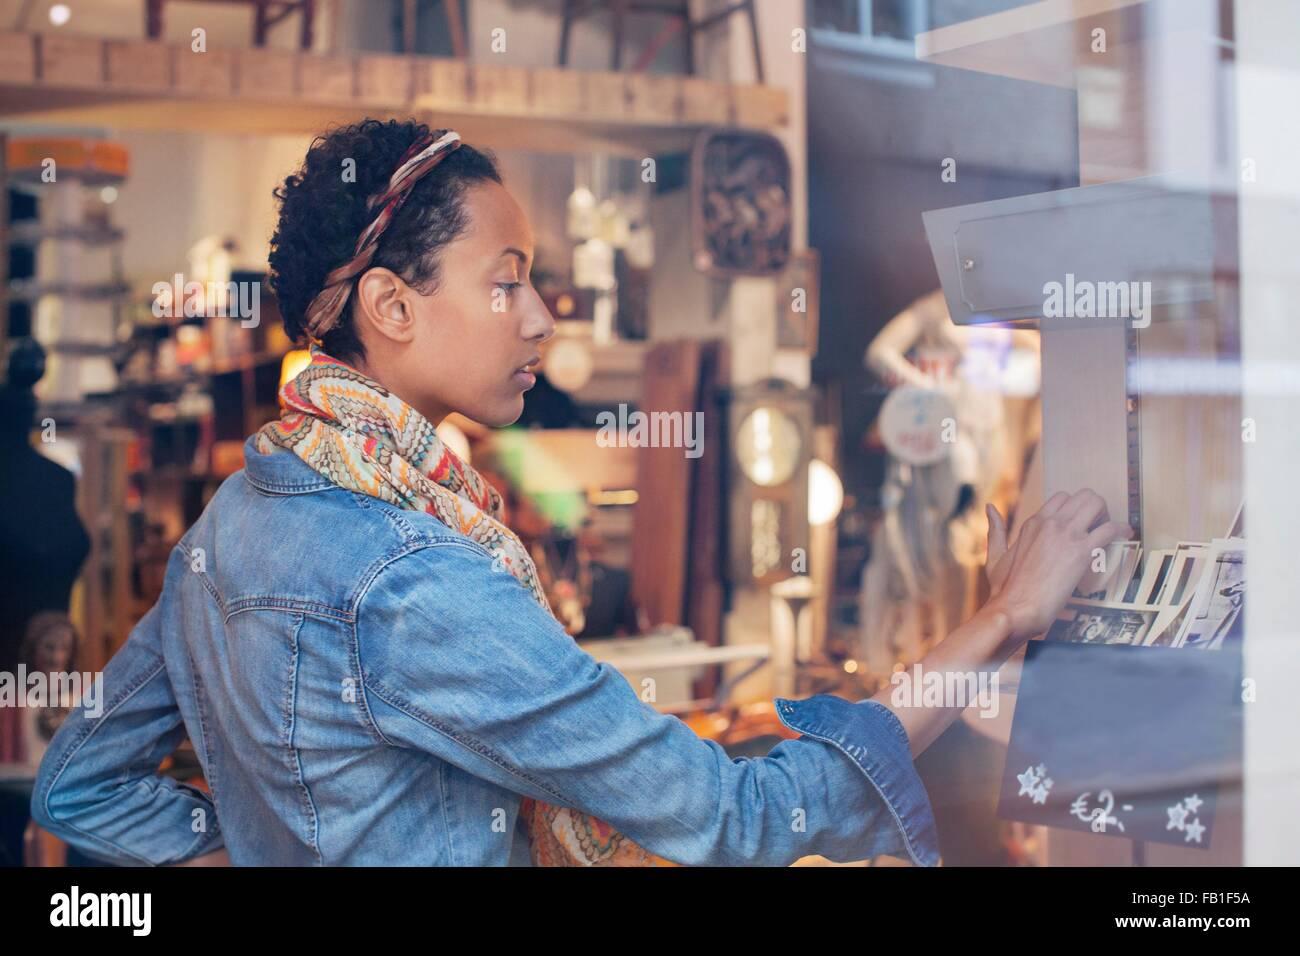 Mujer joven buscando fotografías antiguas en vintage shop Imagen De Stock